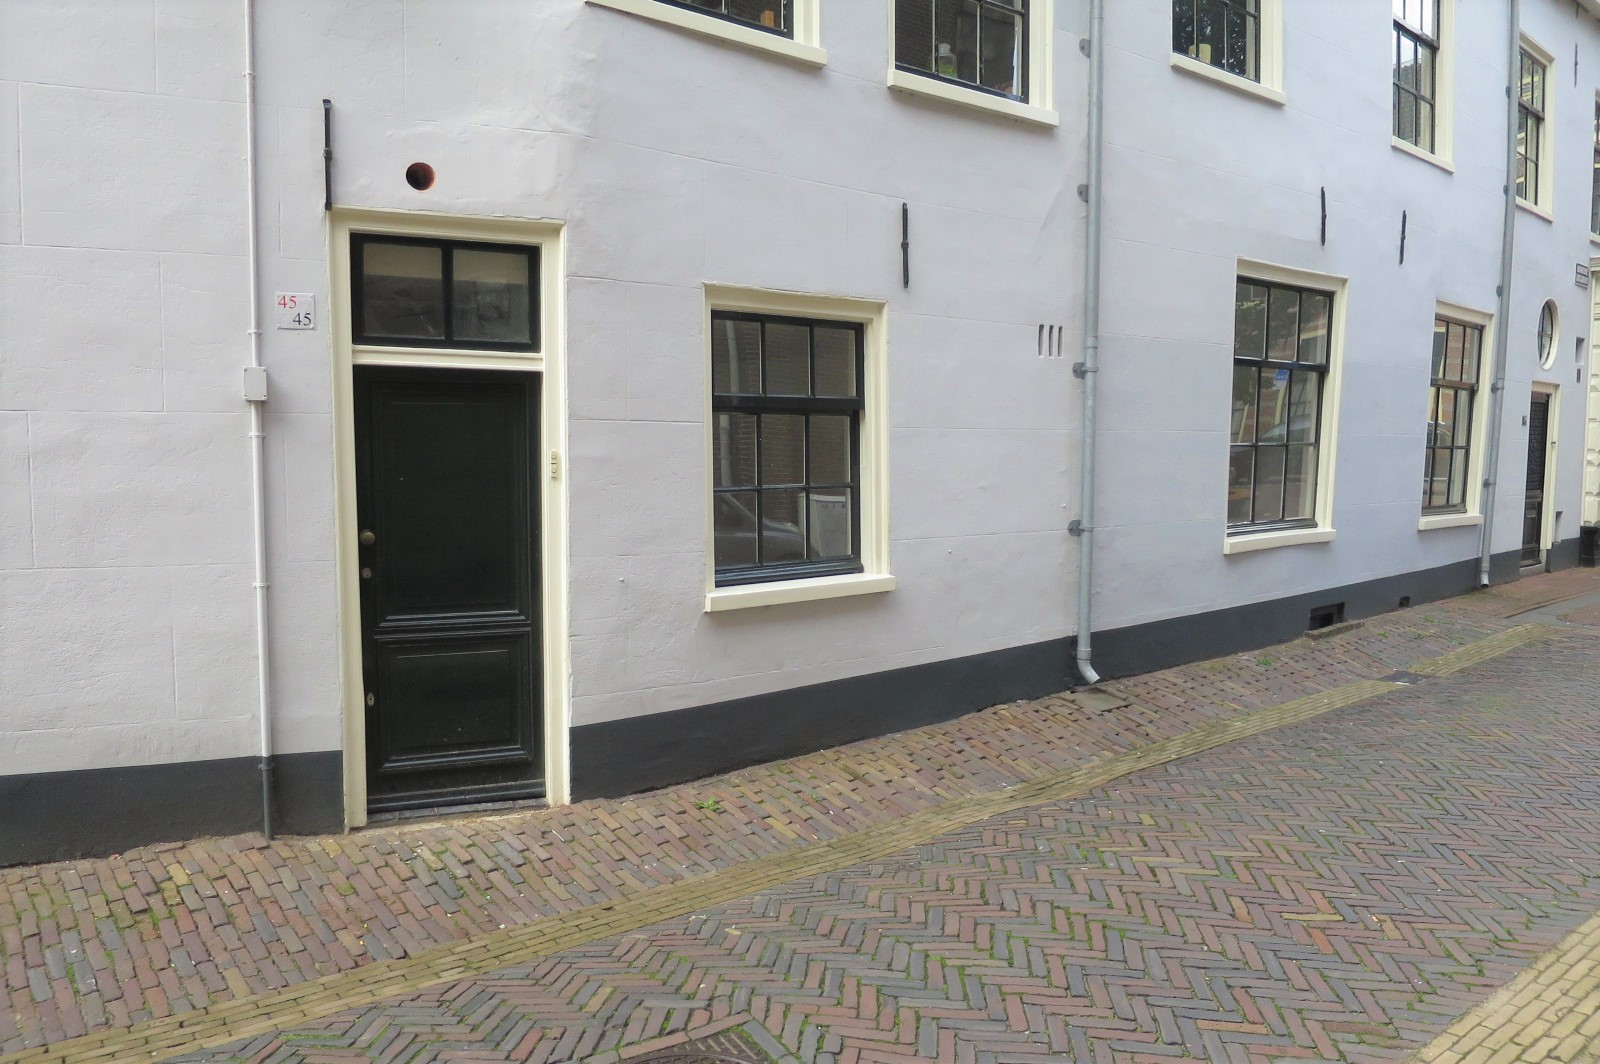 Jansstraat 45, Haarlem